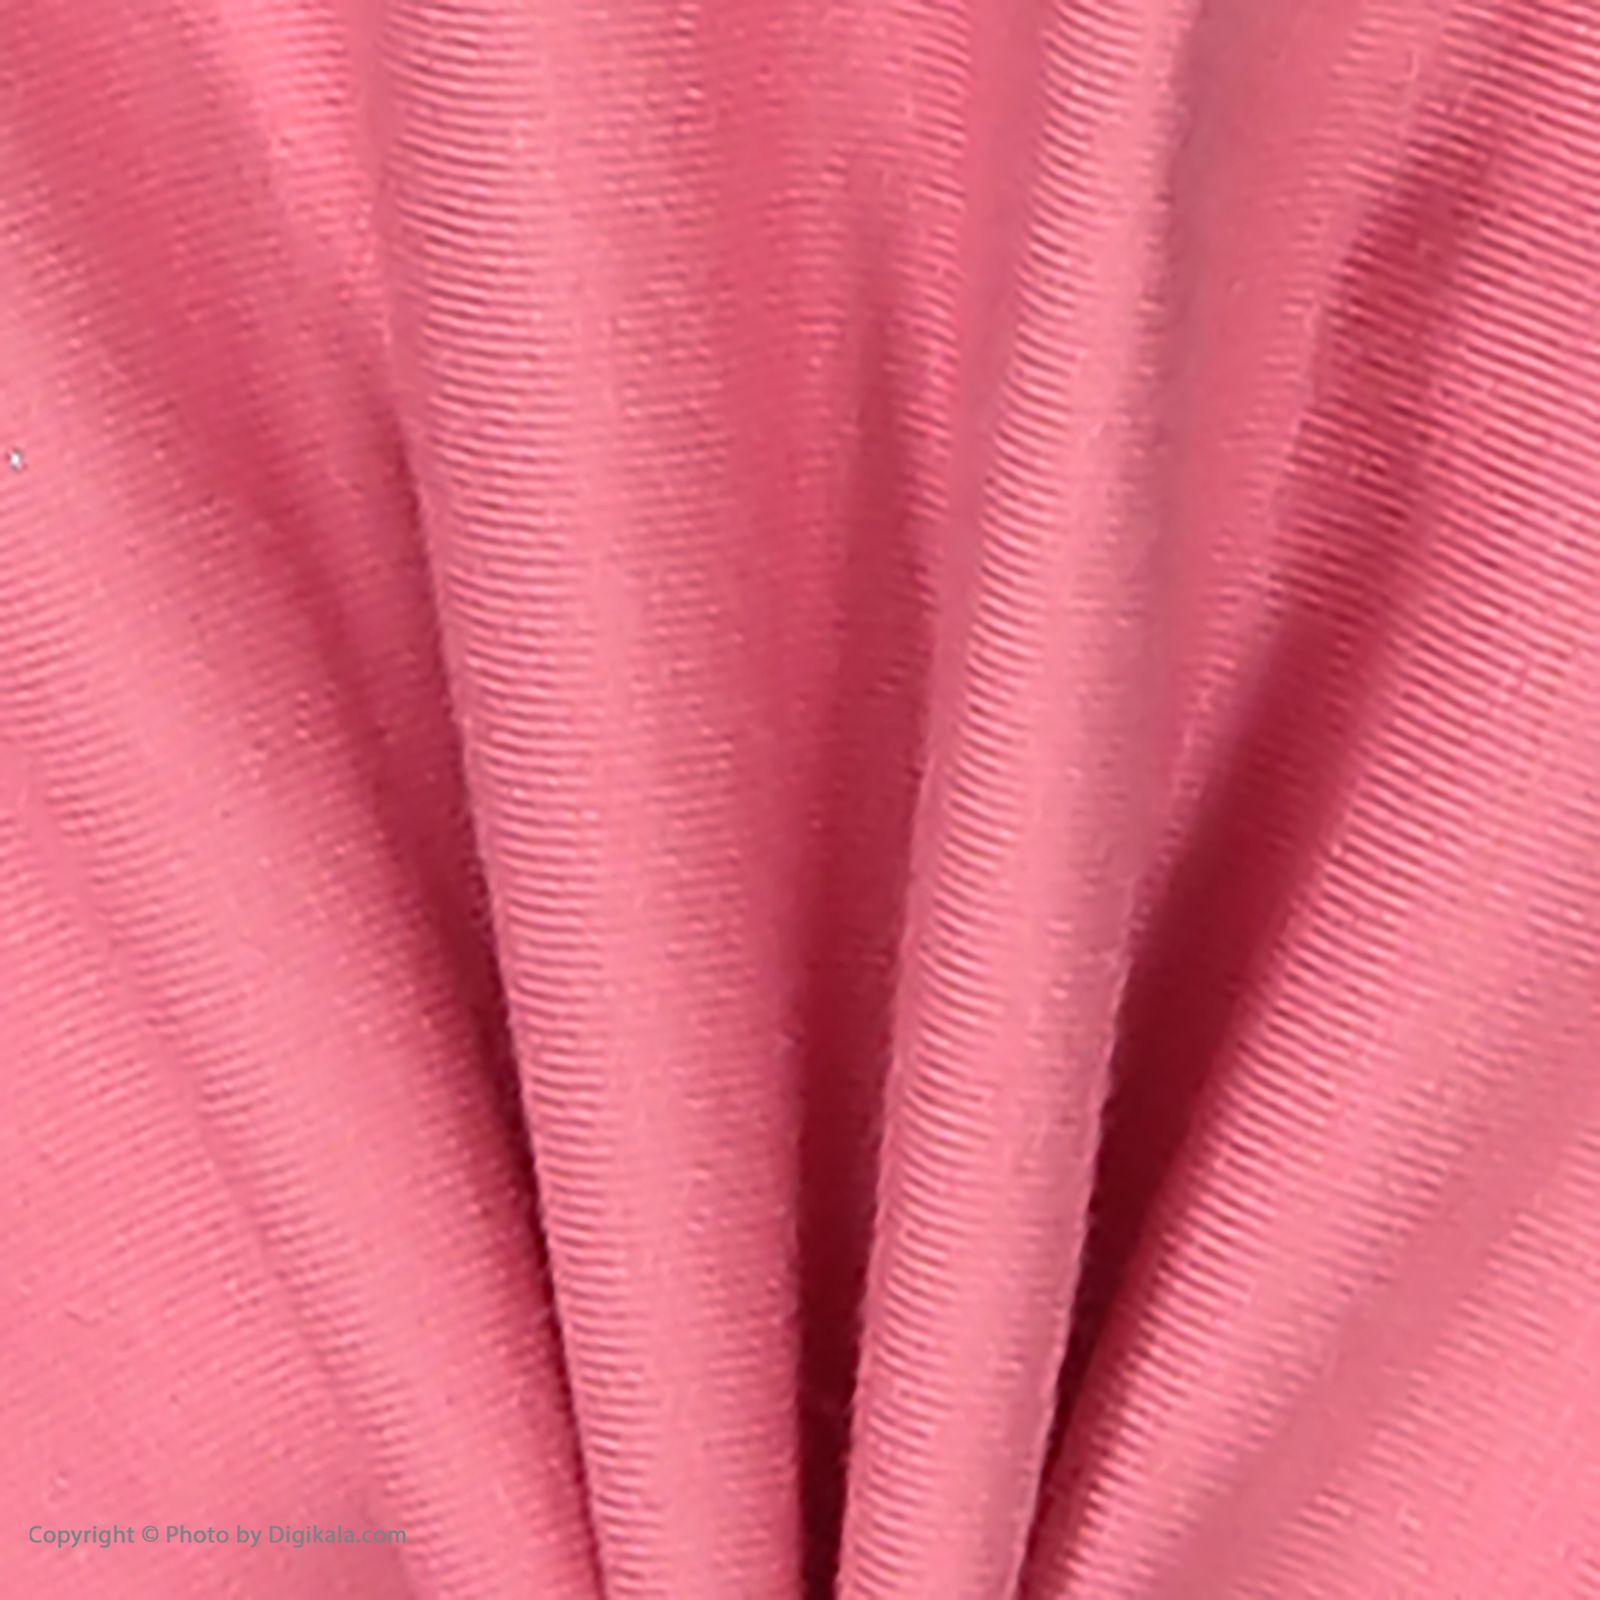 ست تی شرت و شلوار دخترانه رابو مدل 2051127-81 main 1 8